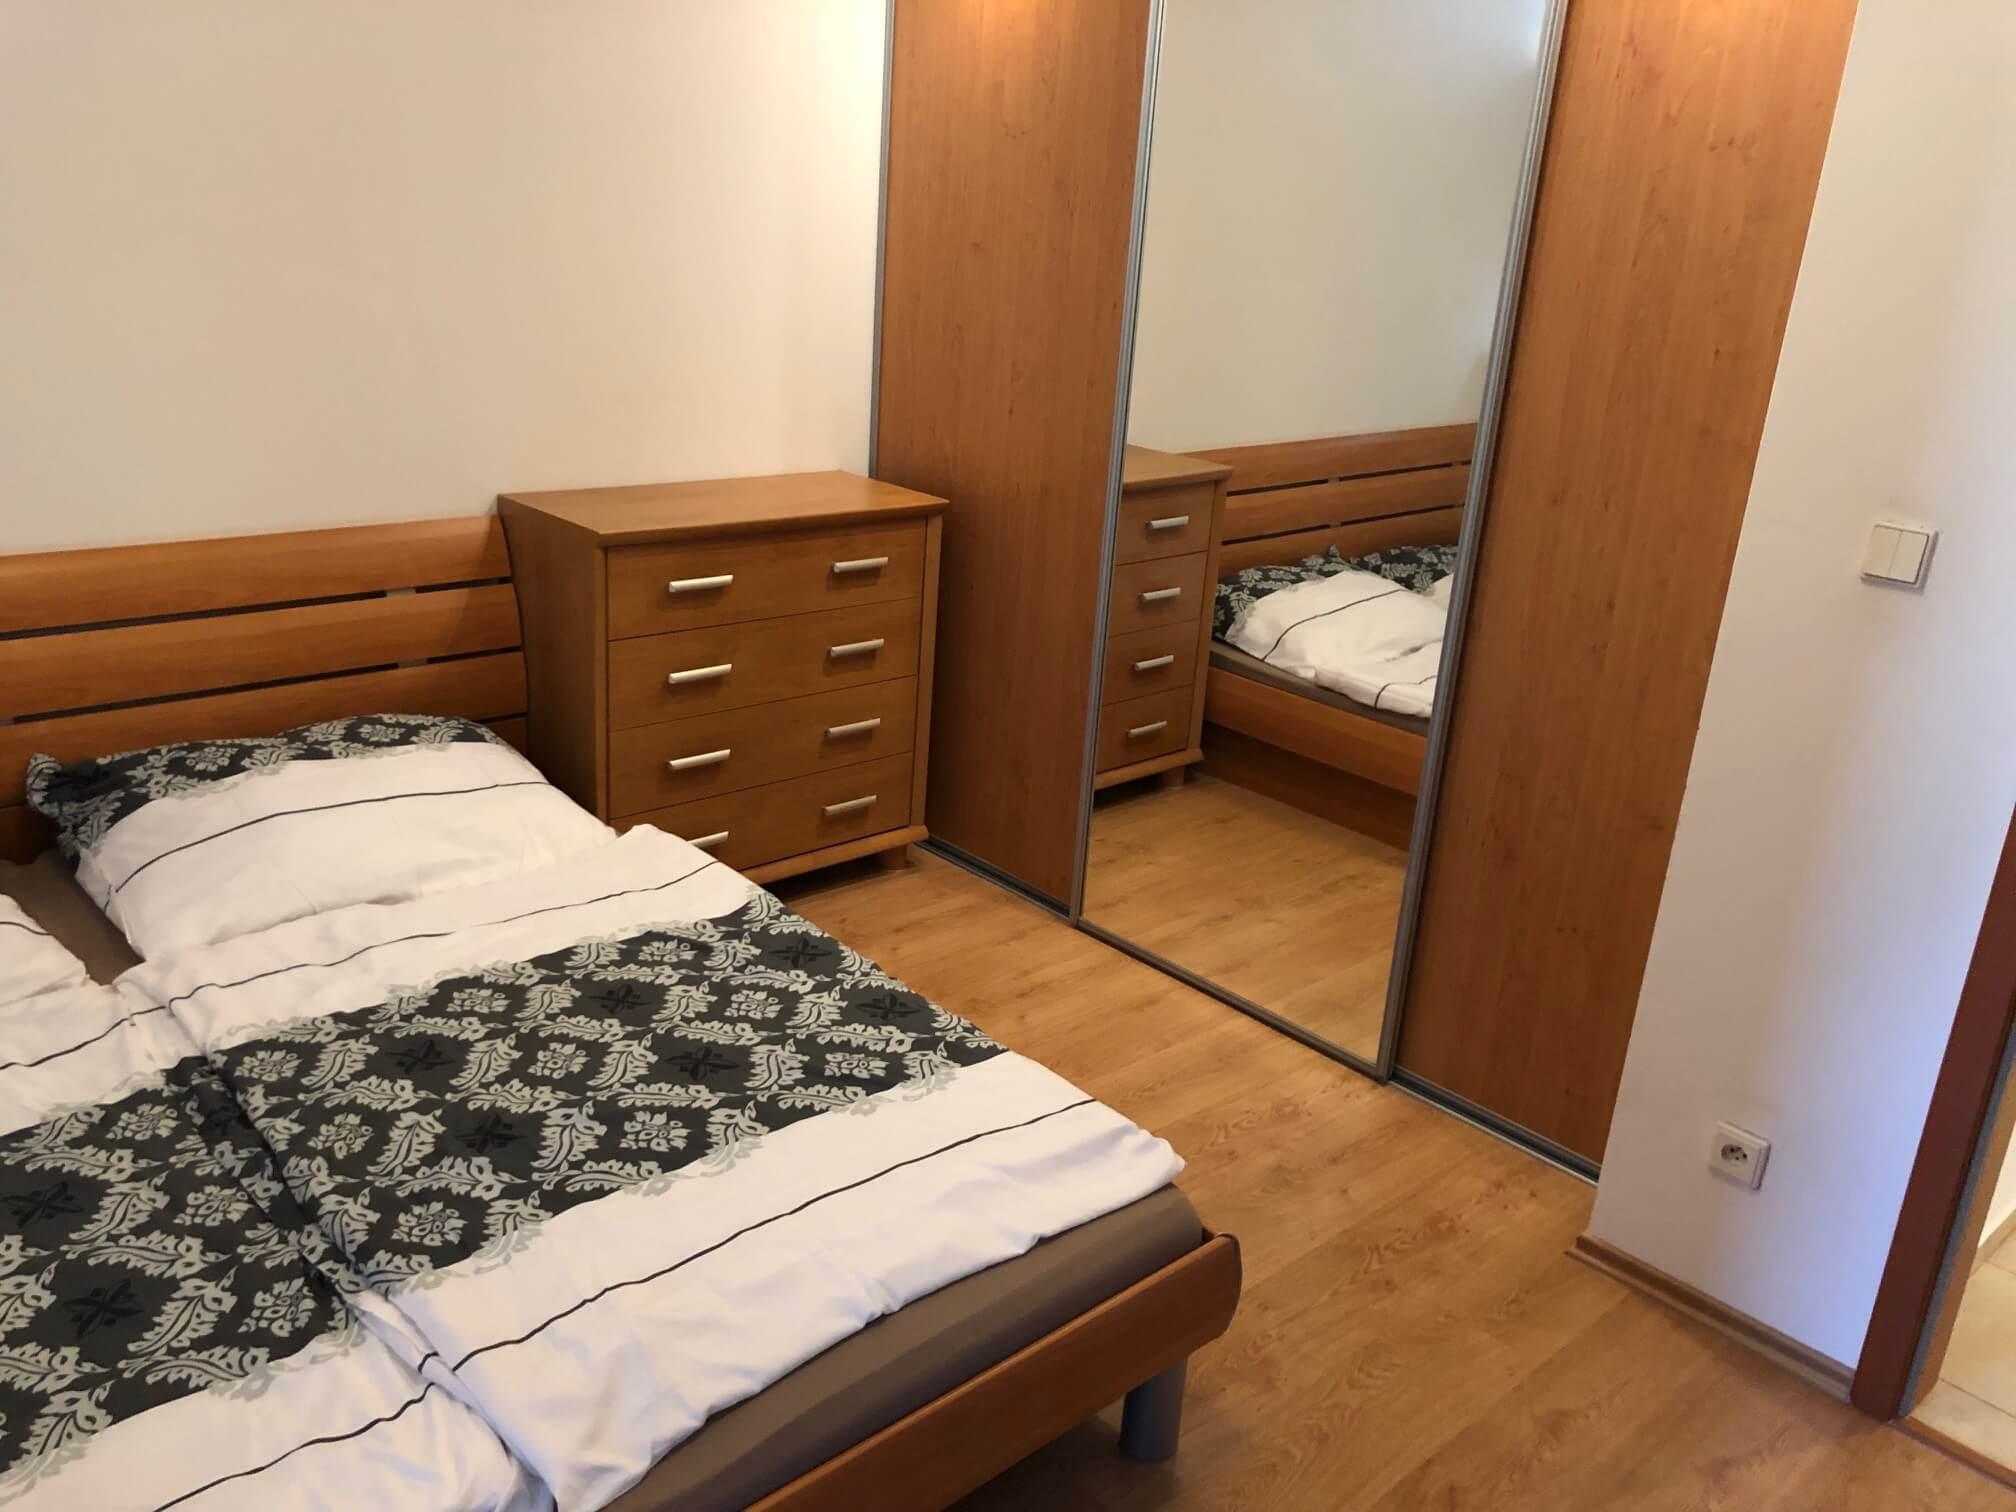 Predané: Exkluzívne na predaj 3 izb. byt, 72 m2, balkón 8 m2, parkovacie státie, Bratislava, Petržalka, Budatínska-34